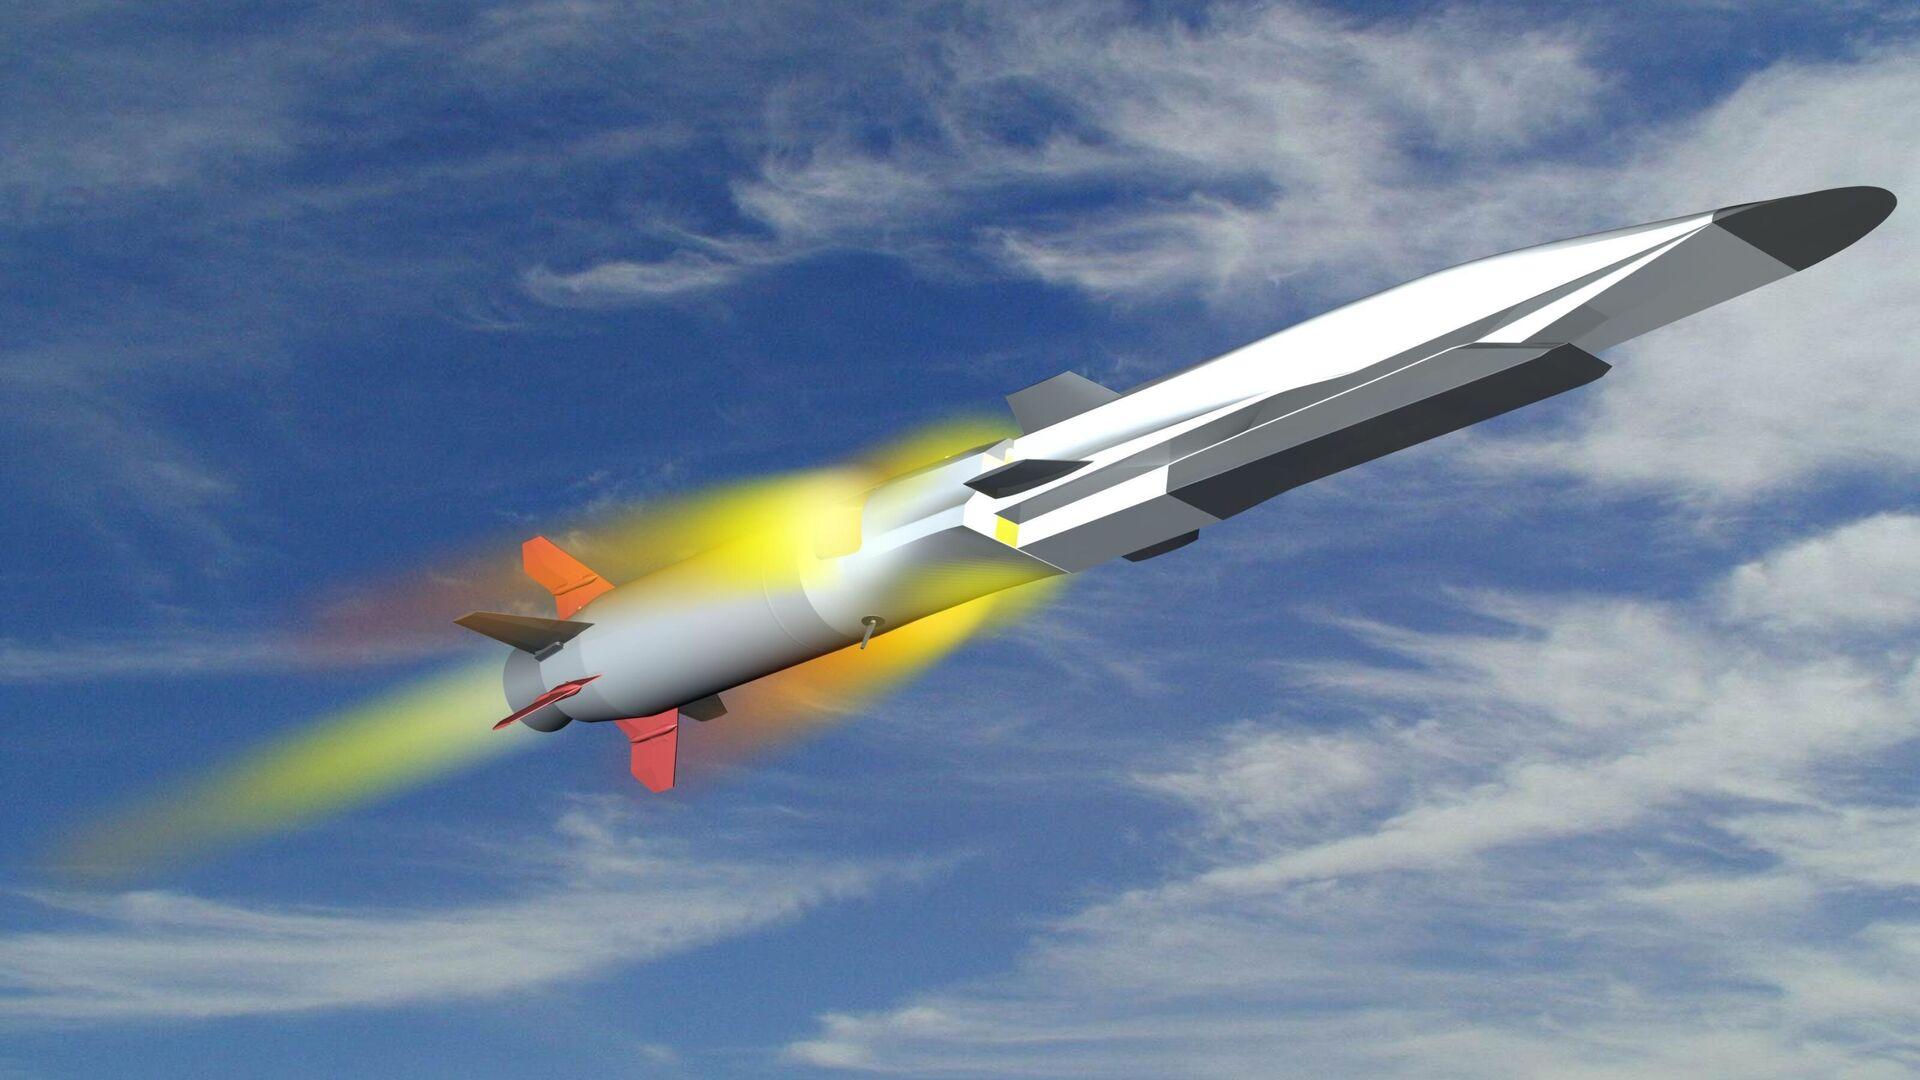 """Il missile ipersonico """"Zirkon"""", capace di raggiungere una velocità 5 – 6 volte superiore a quella del suono - Sputnik Italia, 1920, 17.05.2021"""